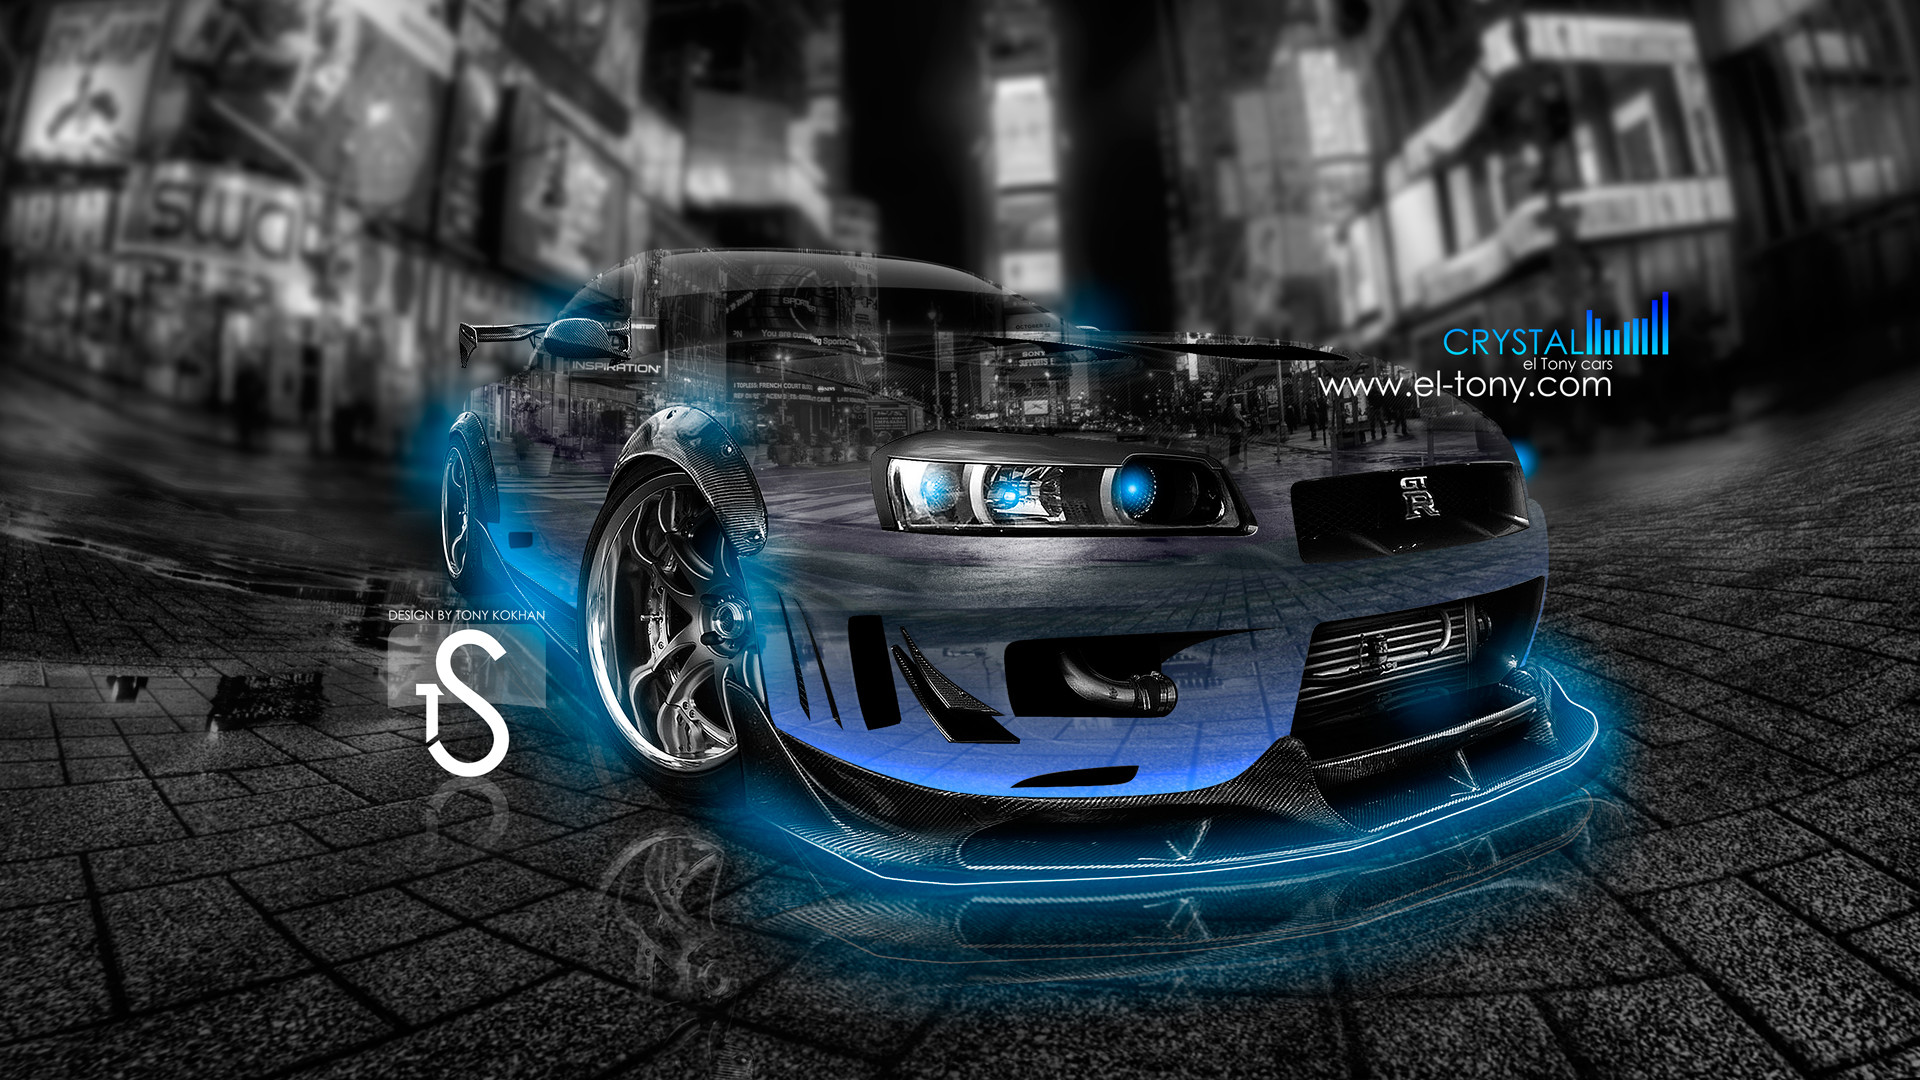 1920x1080 Nissan Skyline GT R R34 V Spec II, Nissan Skyline GT R R34, Nissan,  JDM, Car Wallpapers HD / Desktop And Mobile Backgrounds